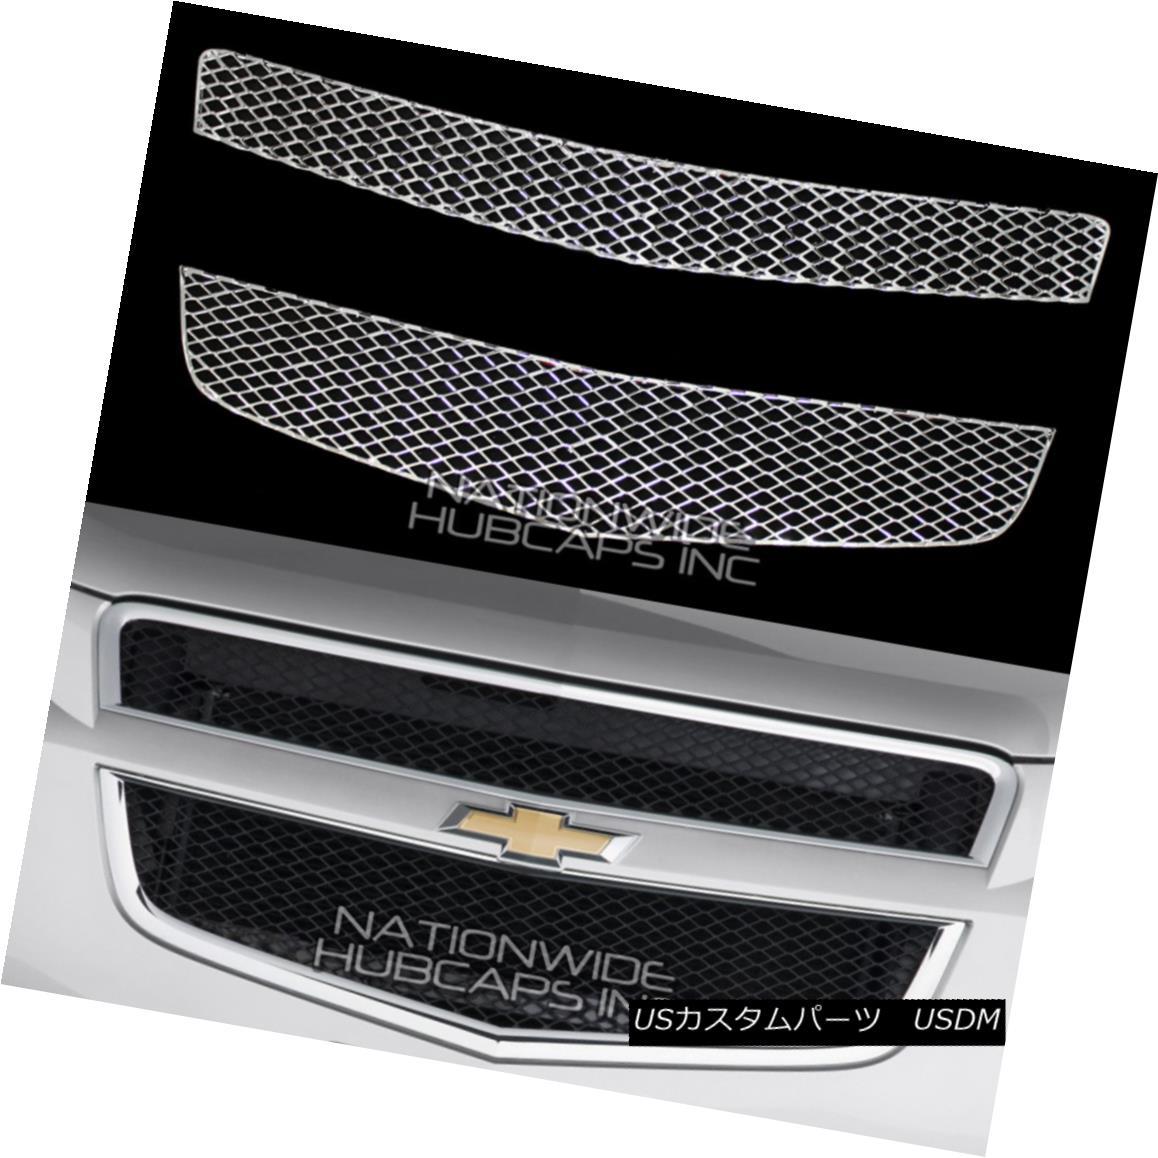 グリル 09-12 Chevy TRAVERSE CHROME Snap On Grille Overlay Grill Cover Front Trim Insert 09-12 Chevy TRAVERSE CHROMEスナップオングリルオーバーレイグリルカバーフロントトリムインサート